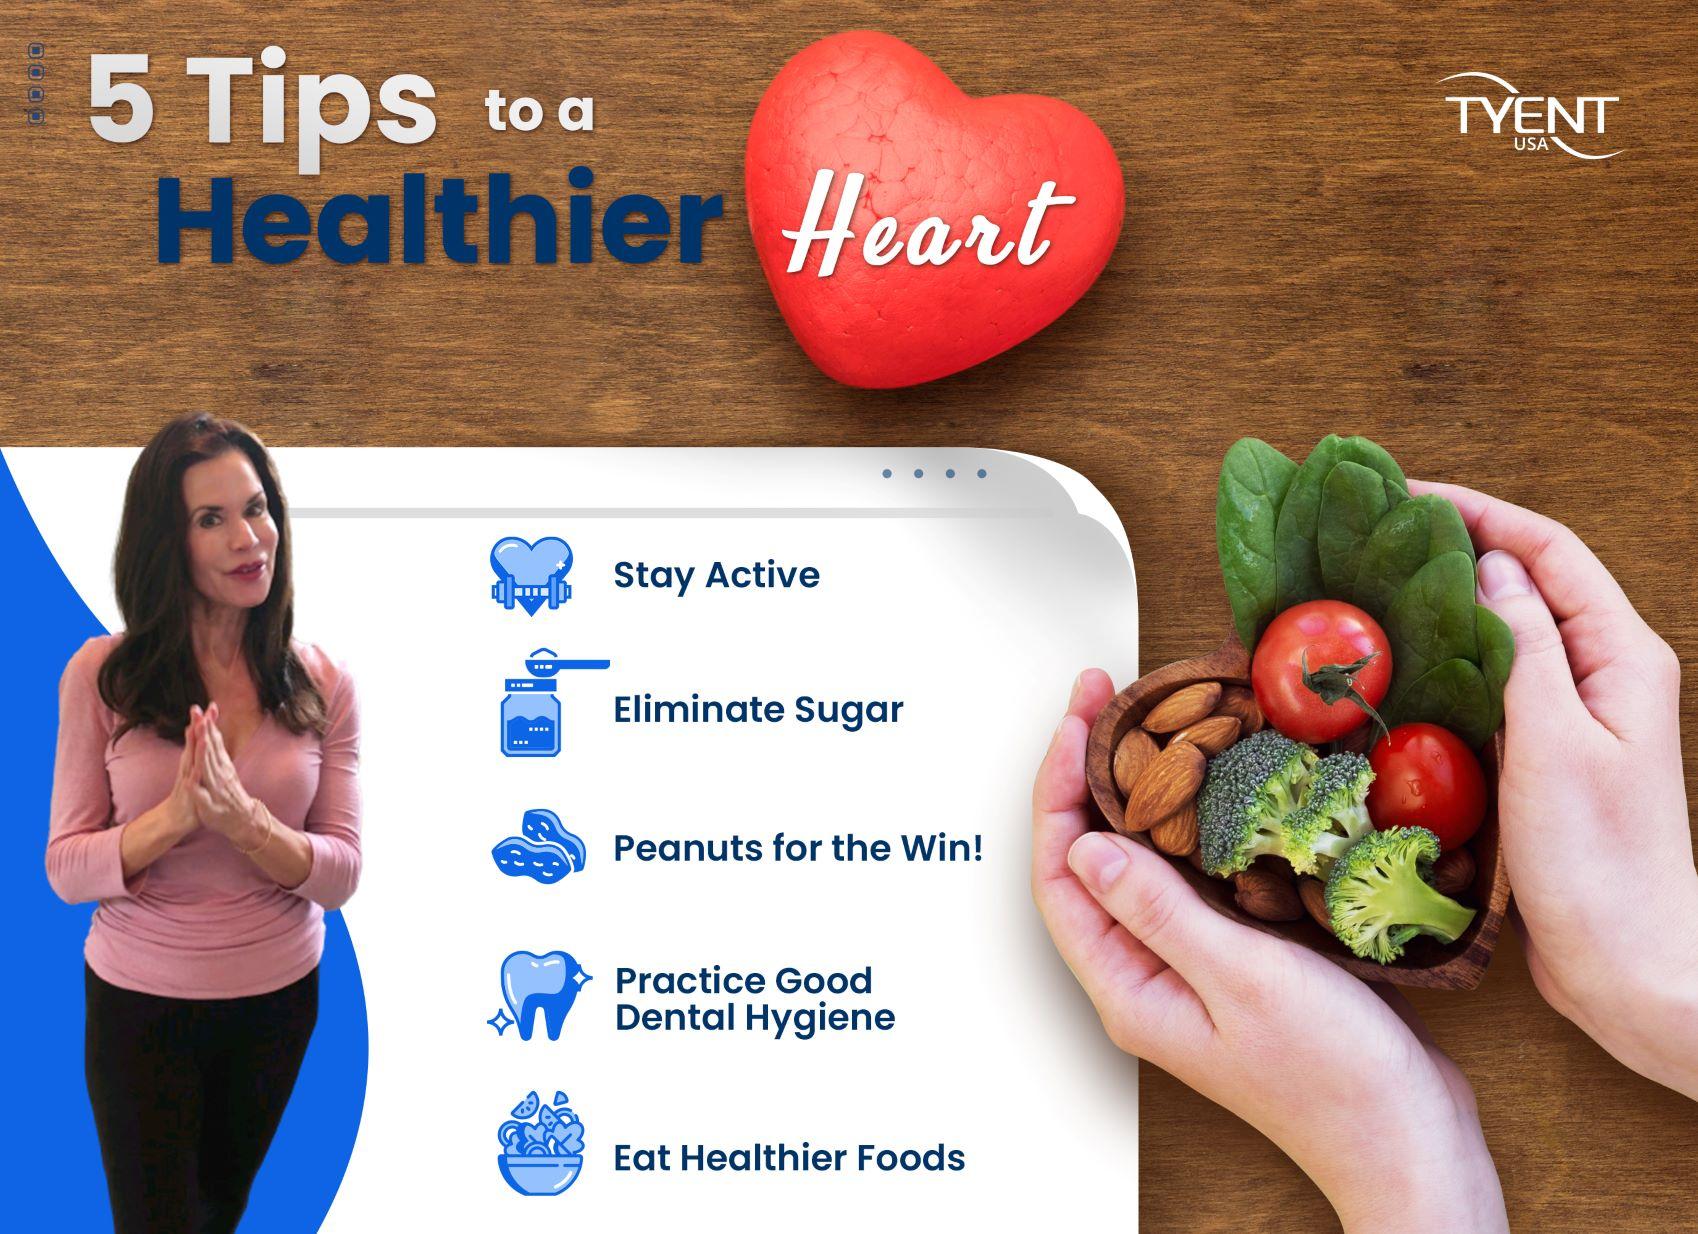 5 Tips to a Healthier Heart